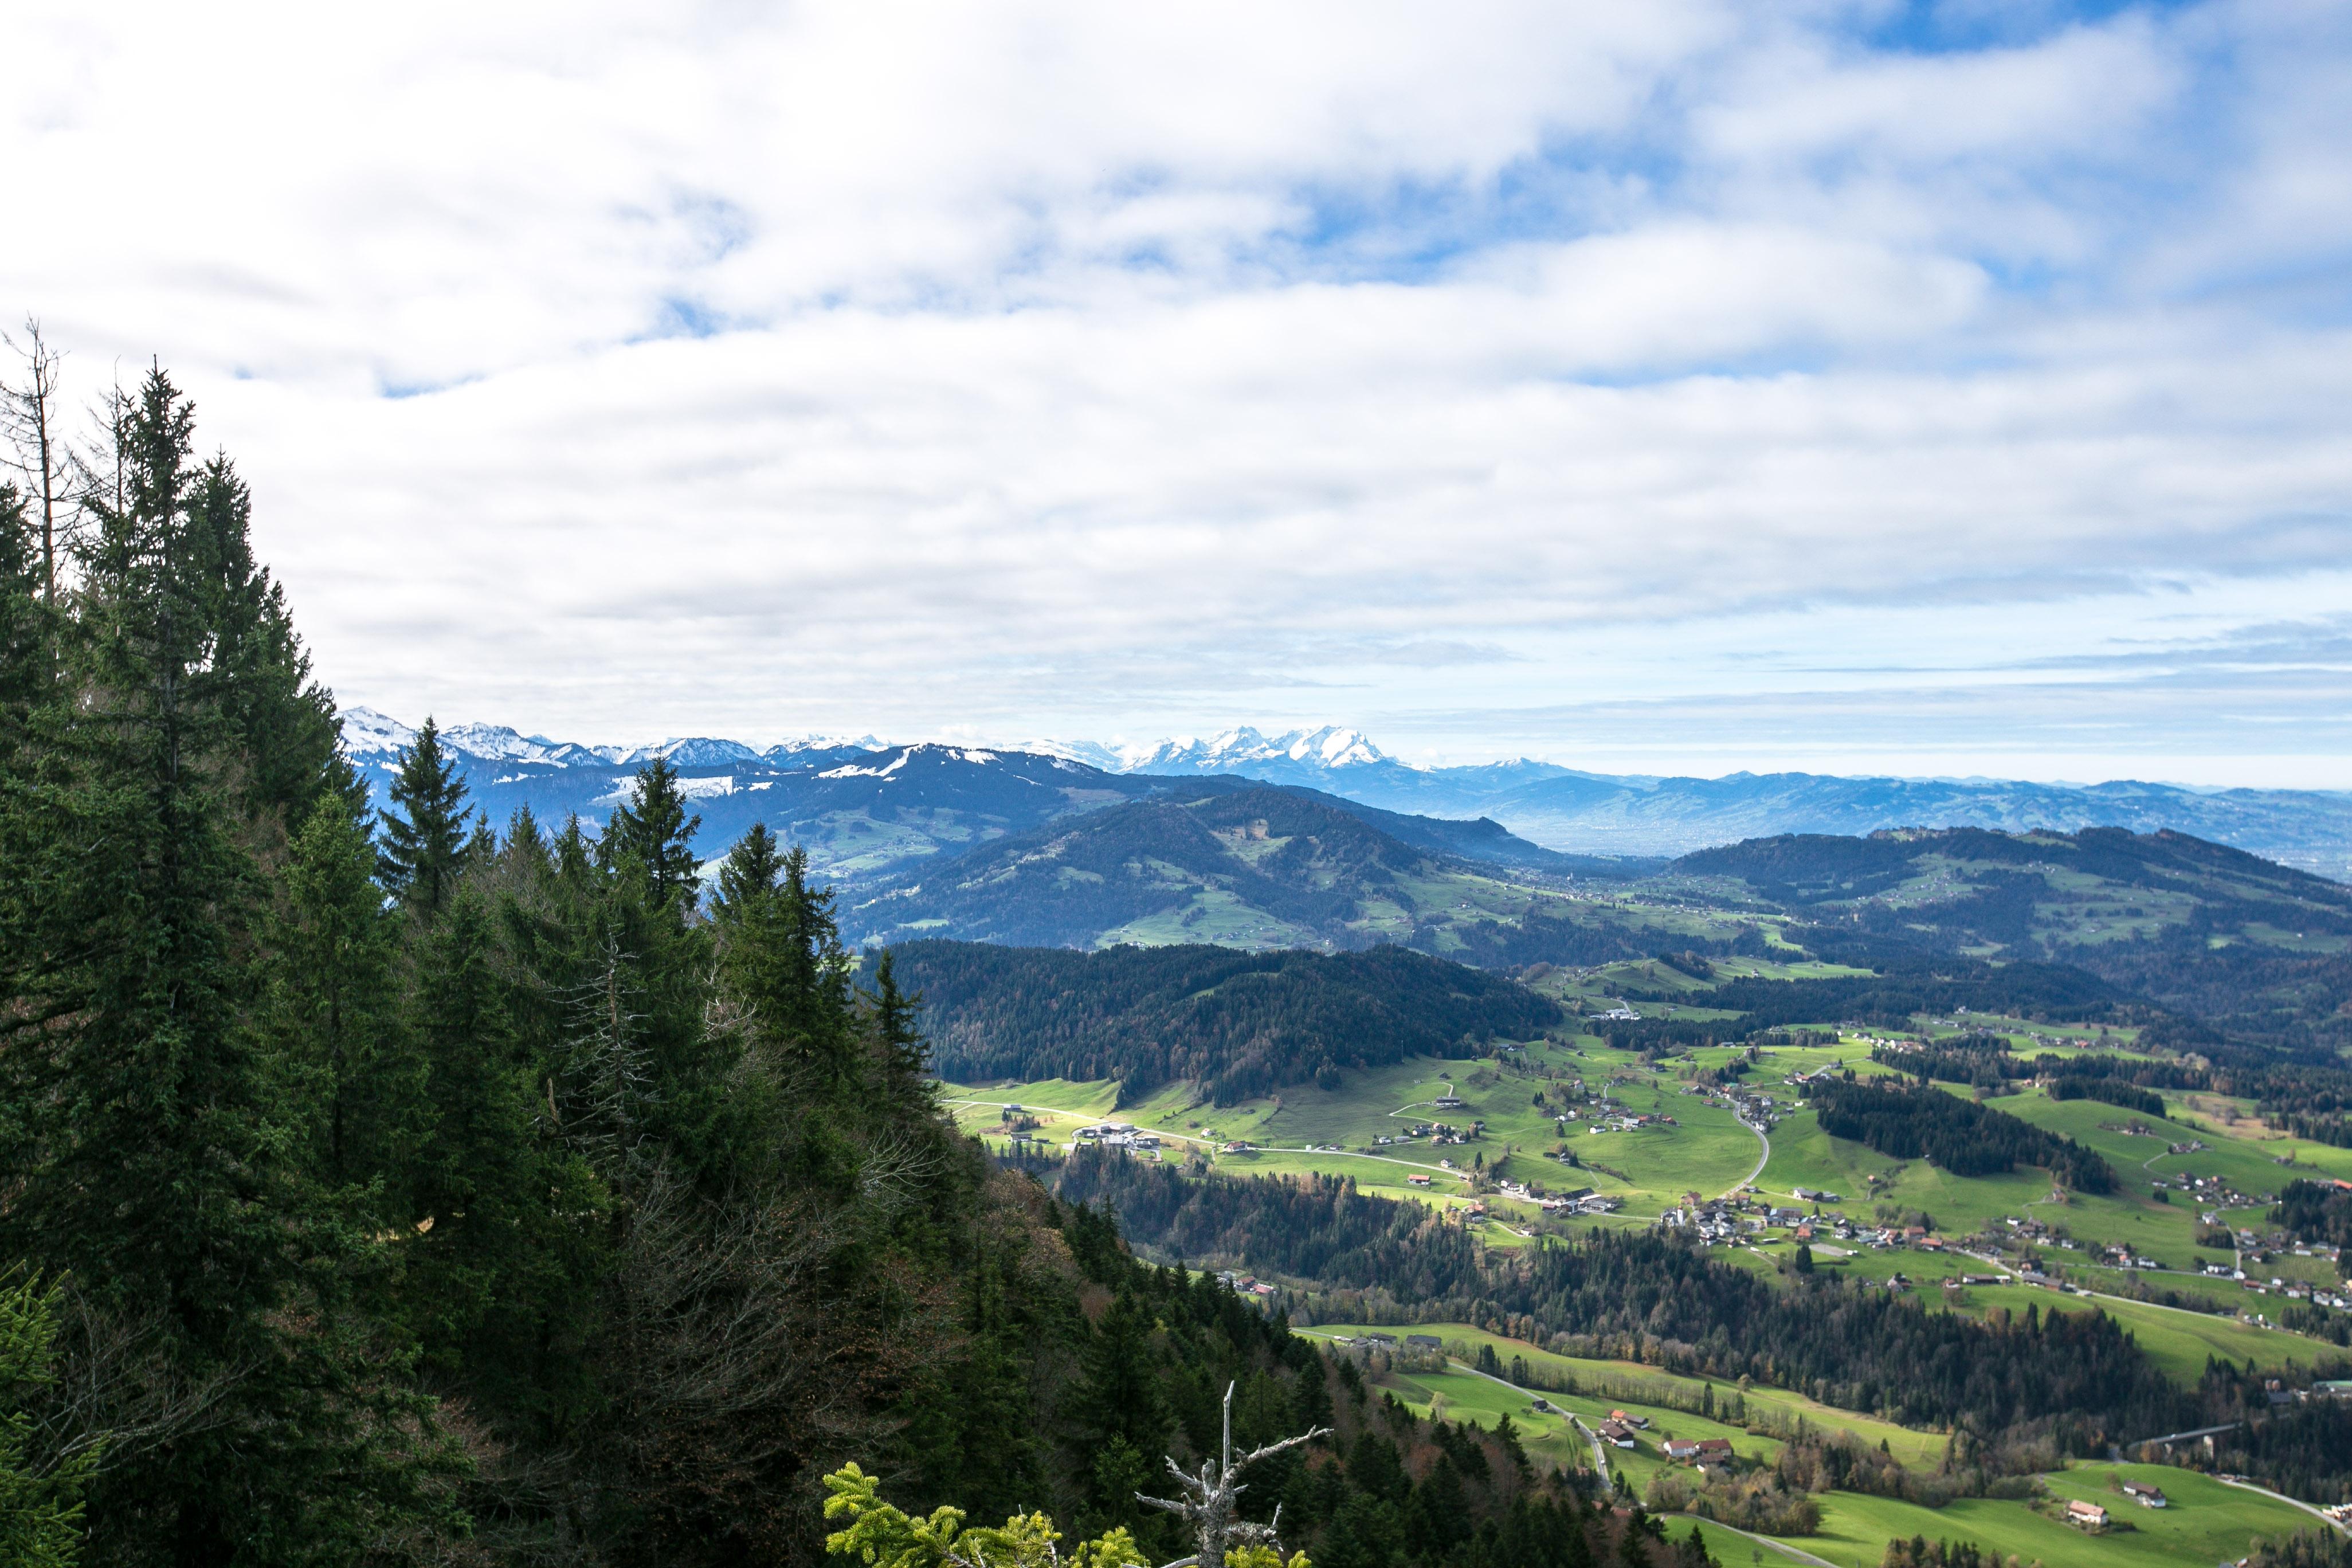 Ausflüge im Allgäu, Imbergbahn, Kojenstein, Alperlebnispfad